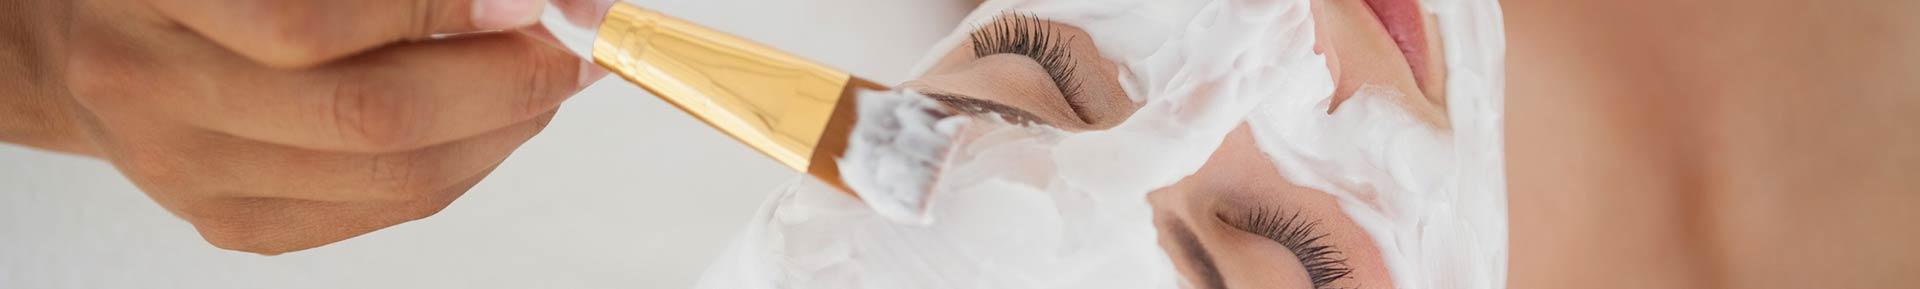 Hochwertige Kosmetikbehandlungen für das Gesicht